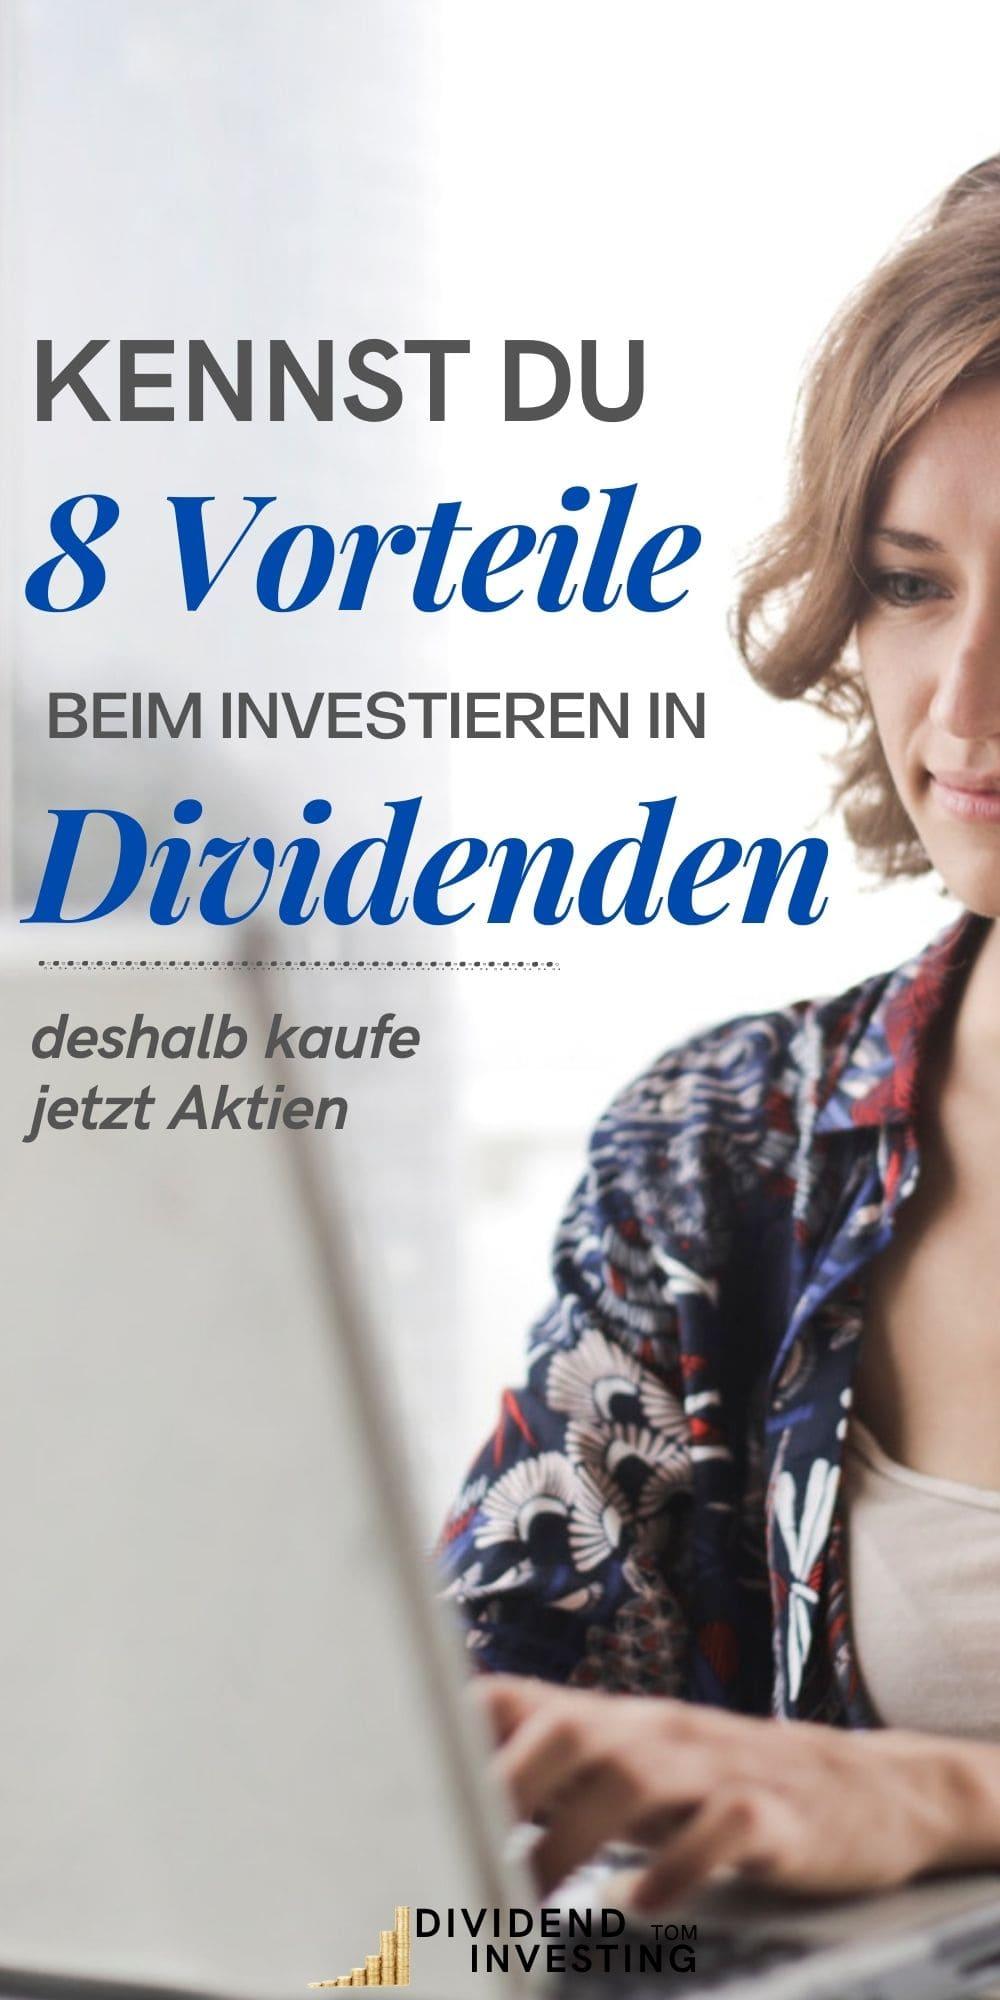 8 Vorteile von Dividenden-Investments